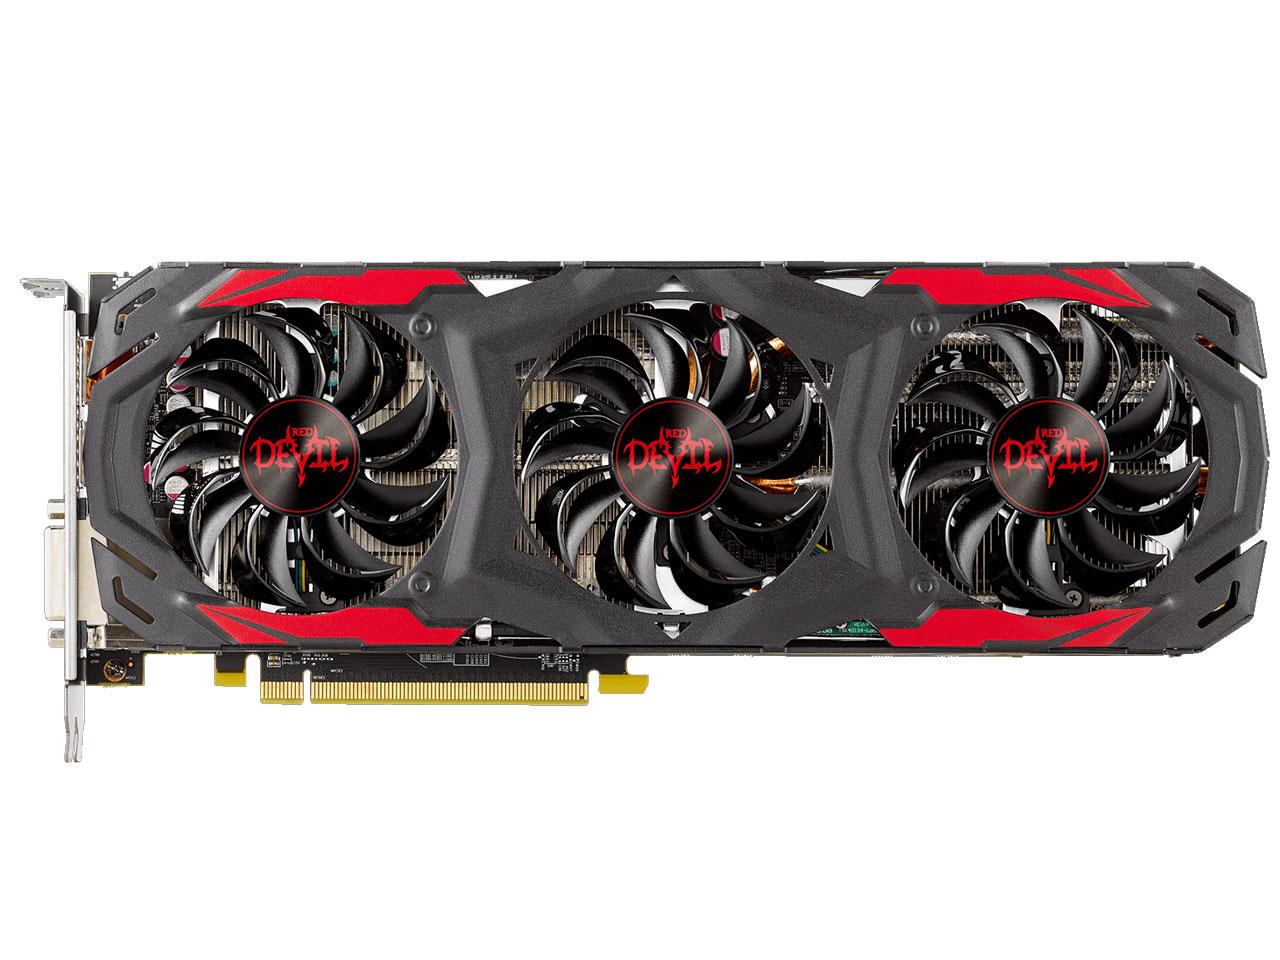 『本体1』 PowerColor Red Devil Radeon RX 570 4GB GDDR5 AXRX 570 4GBD5-3DH/OC [PCIExp 4GB] の製品画像